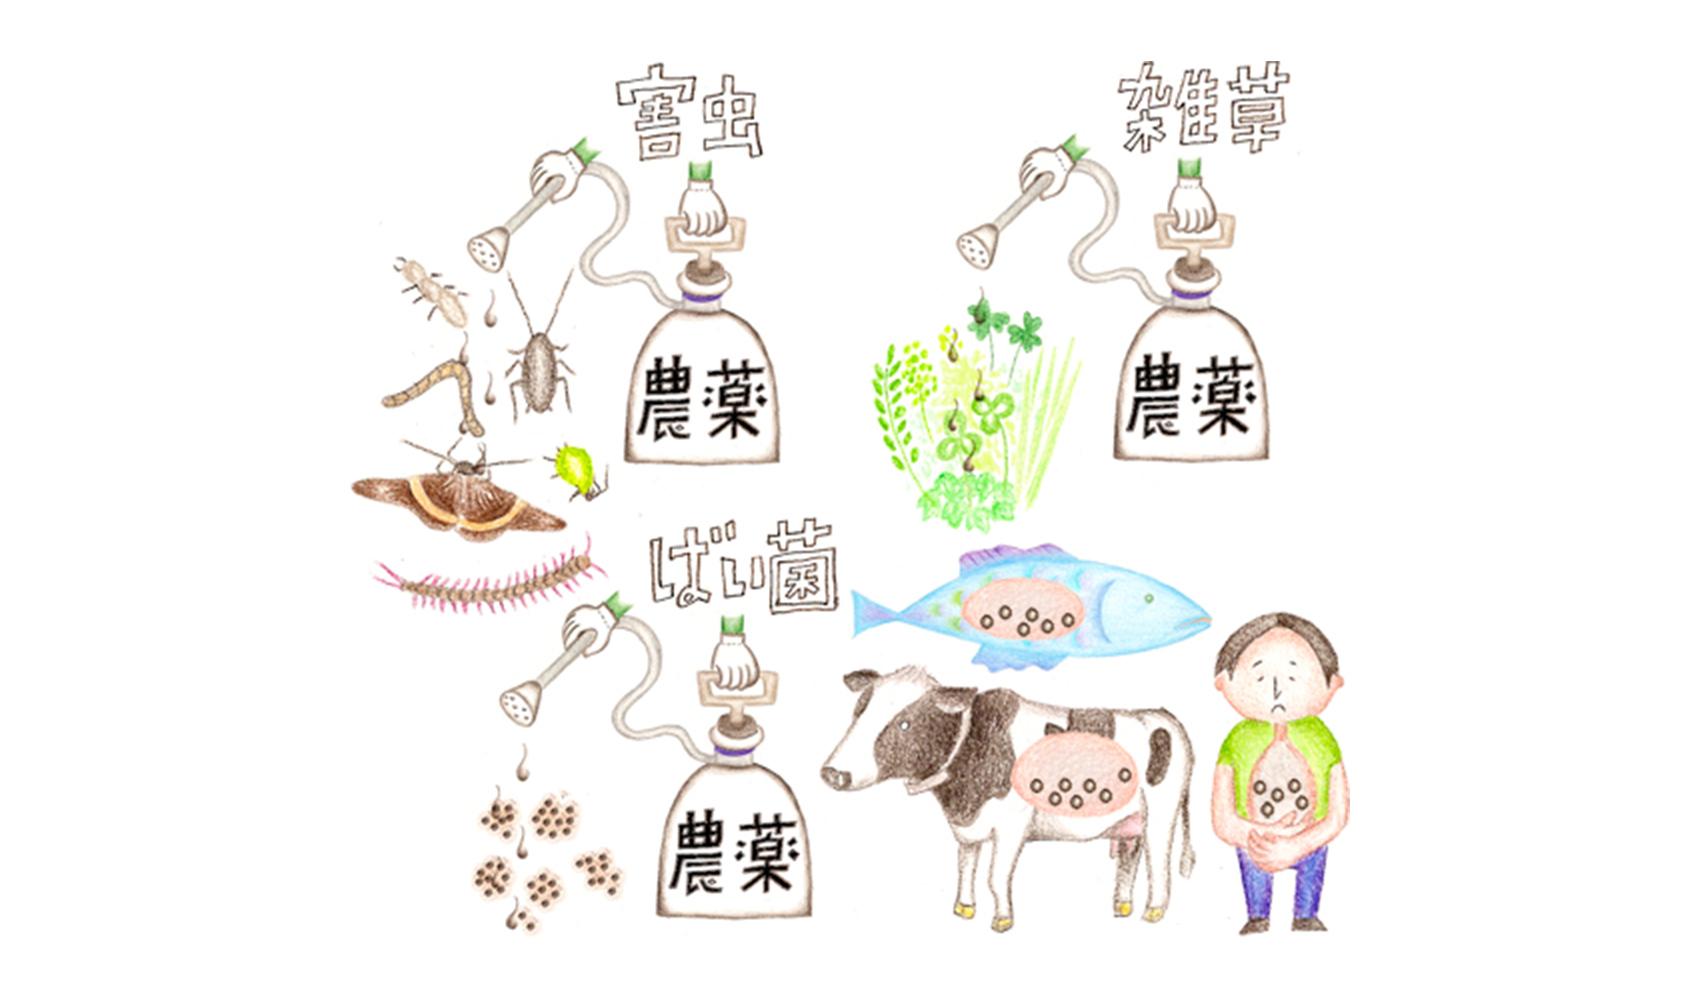 米や野菜を作るときに使う農薬は危険なのですか?